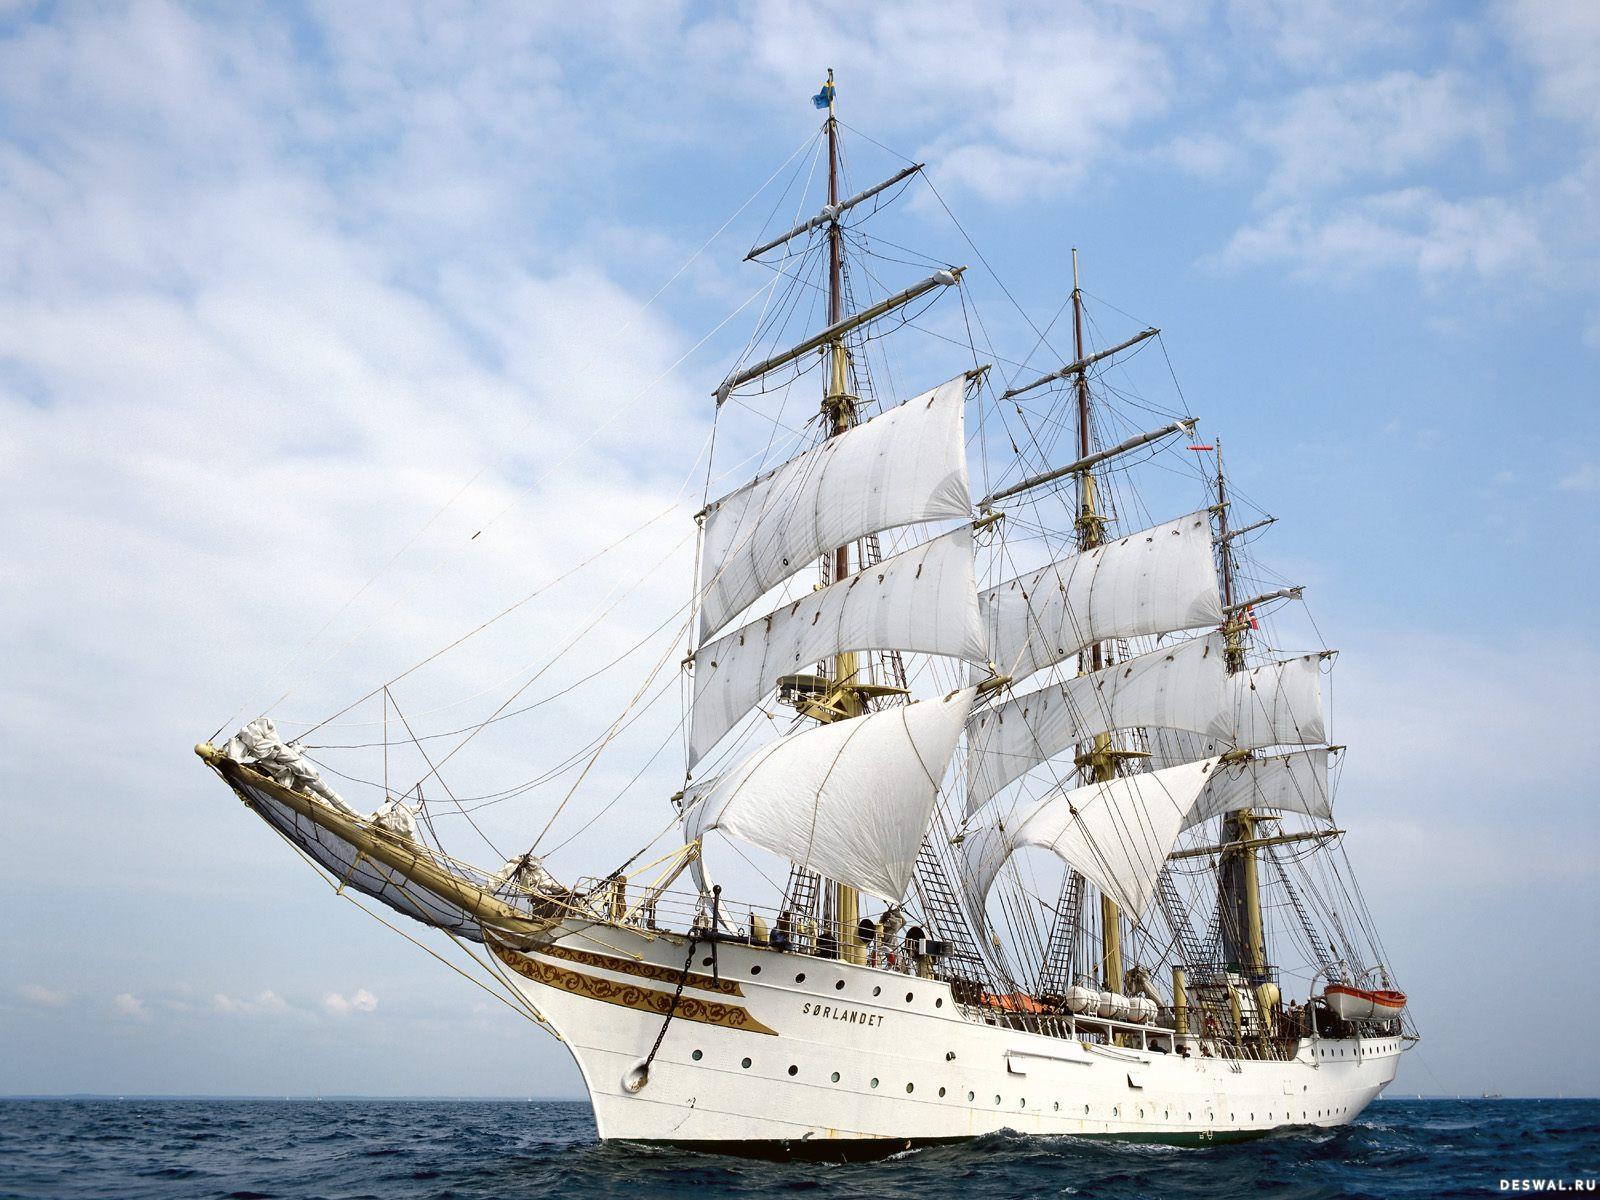 Белый корабль с парусами